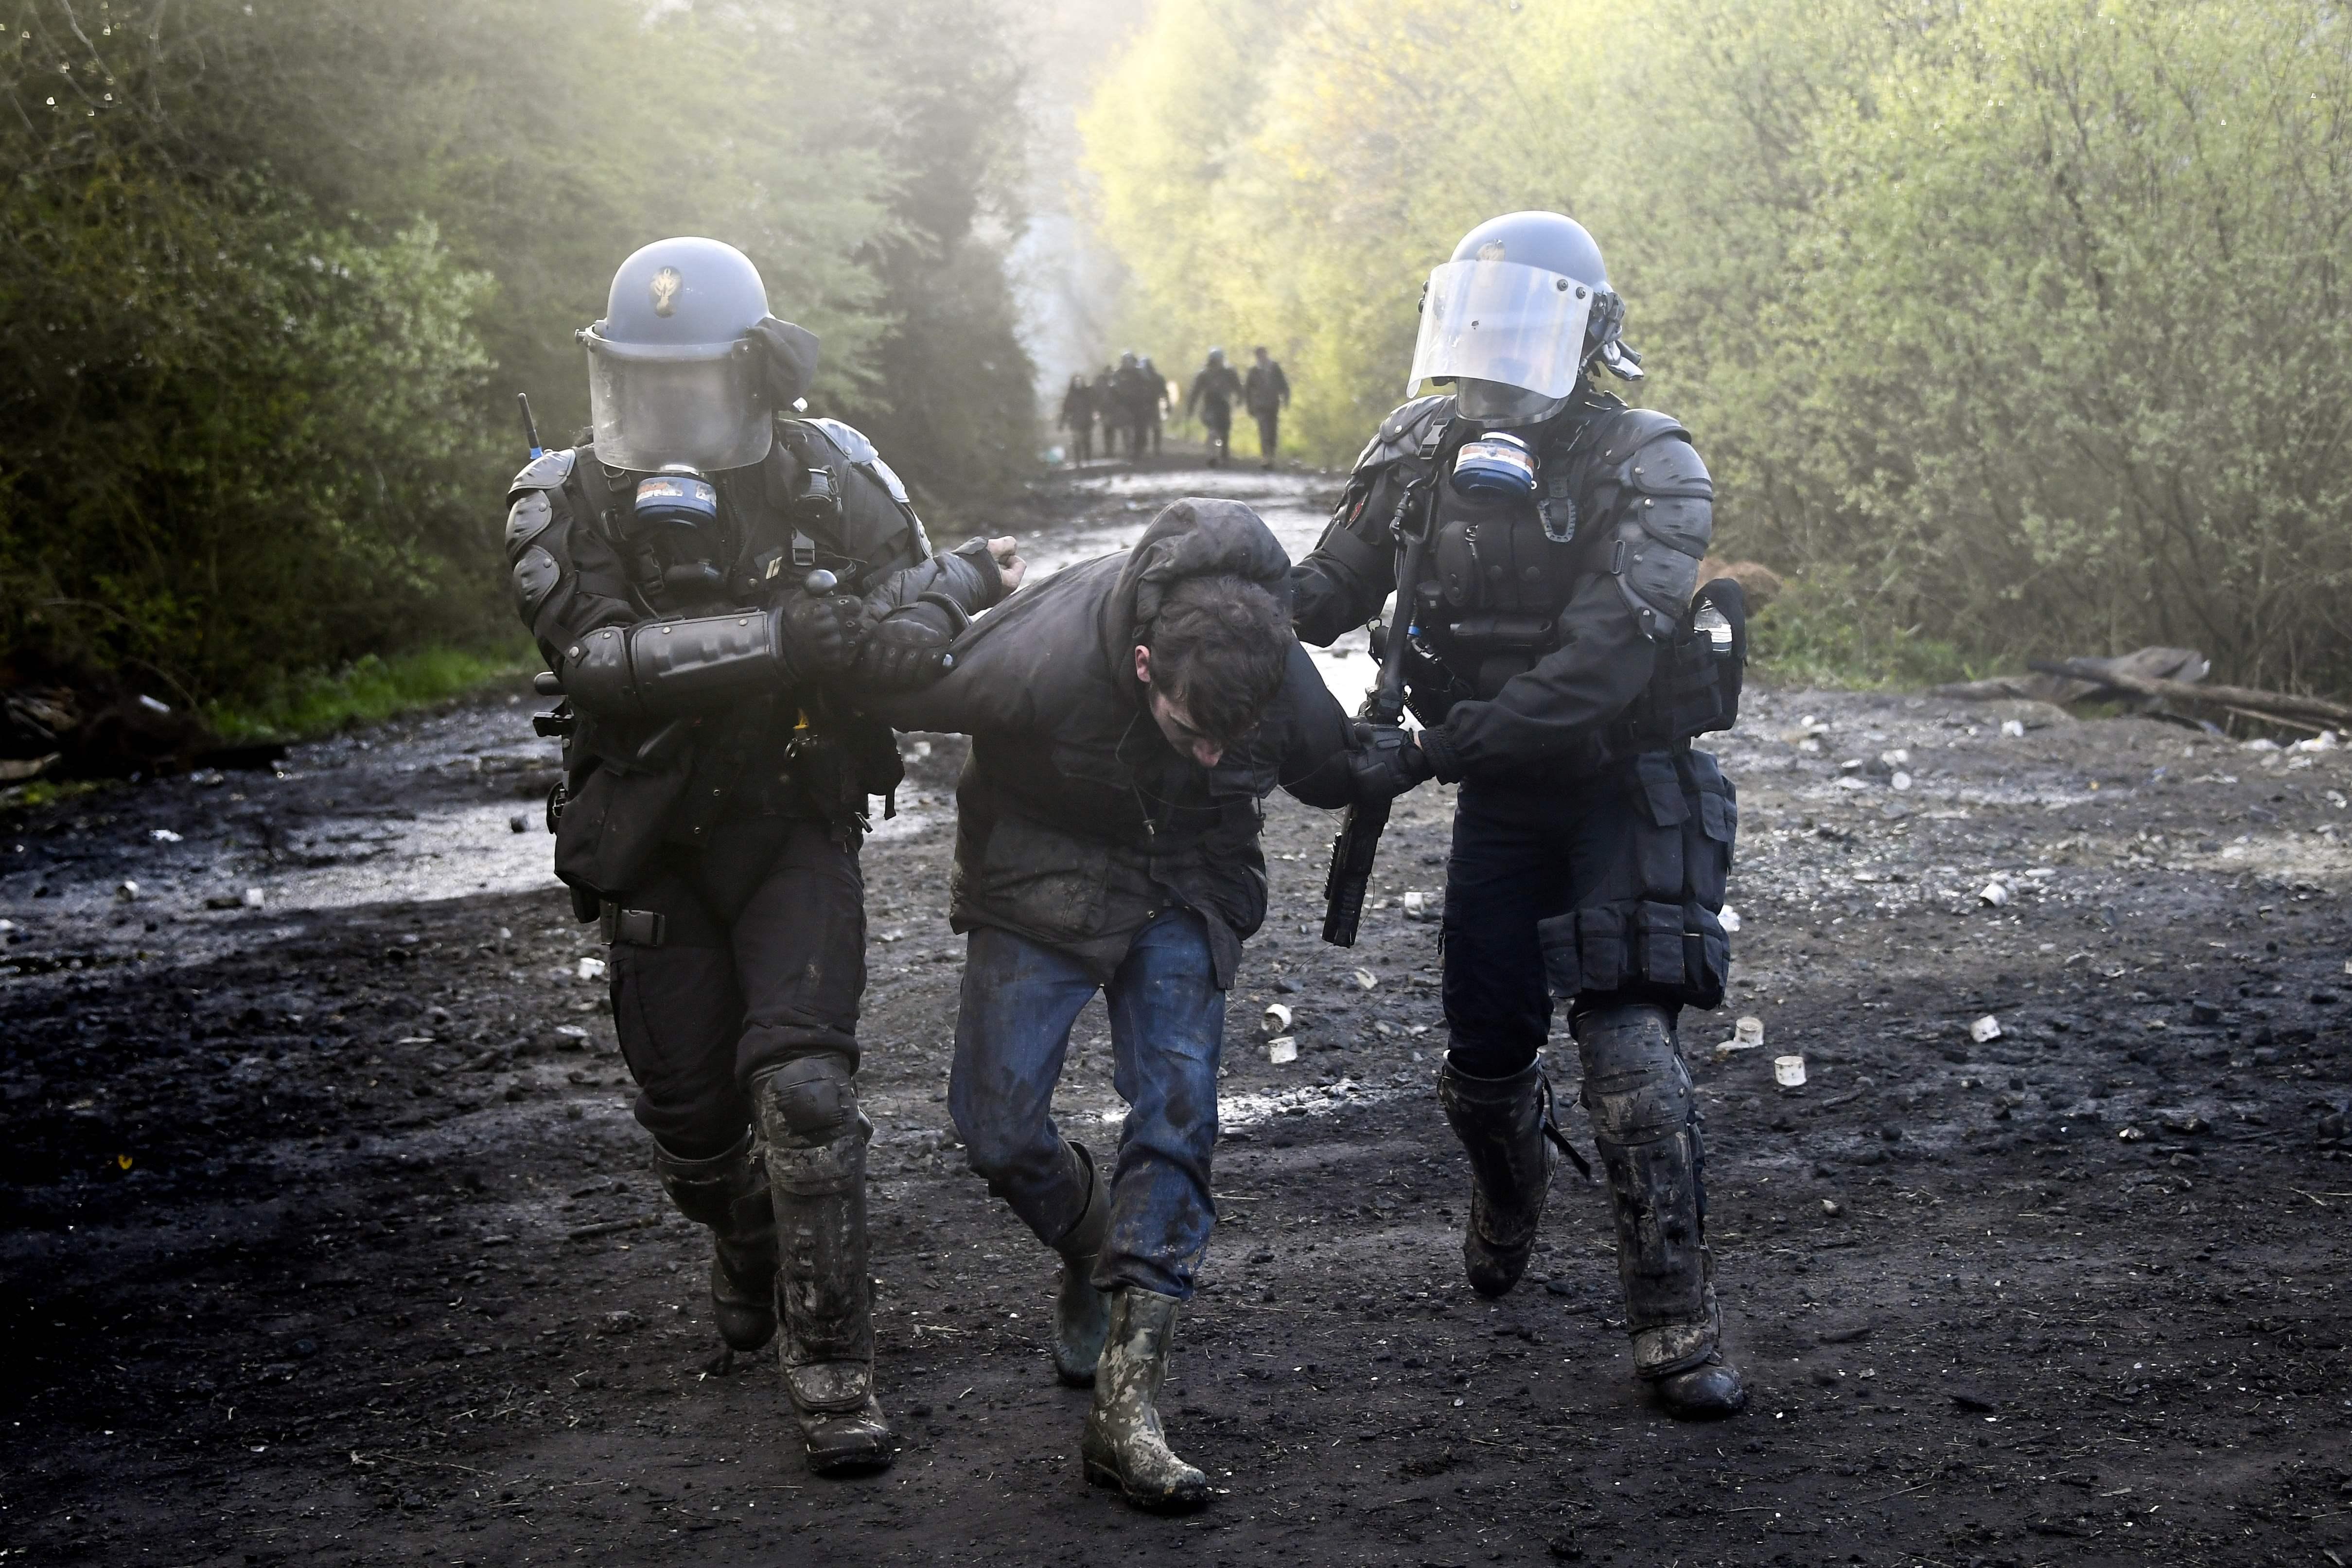 قوات الأمن الفرنسية تعتقل أحد المتظاهرين